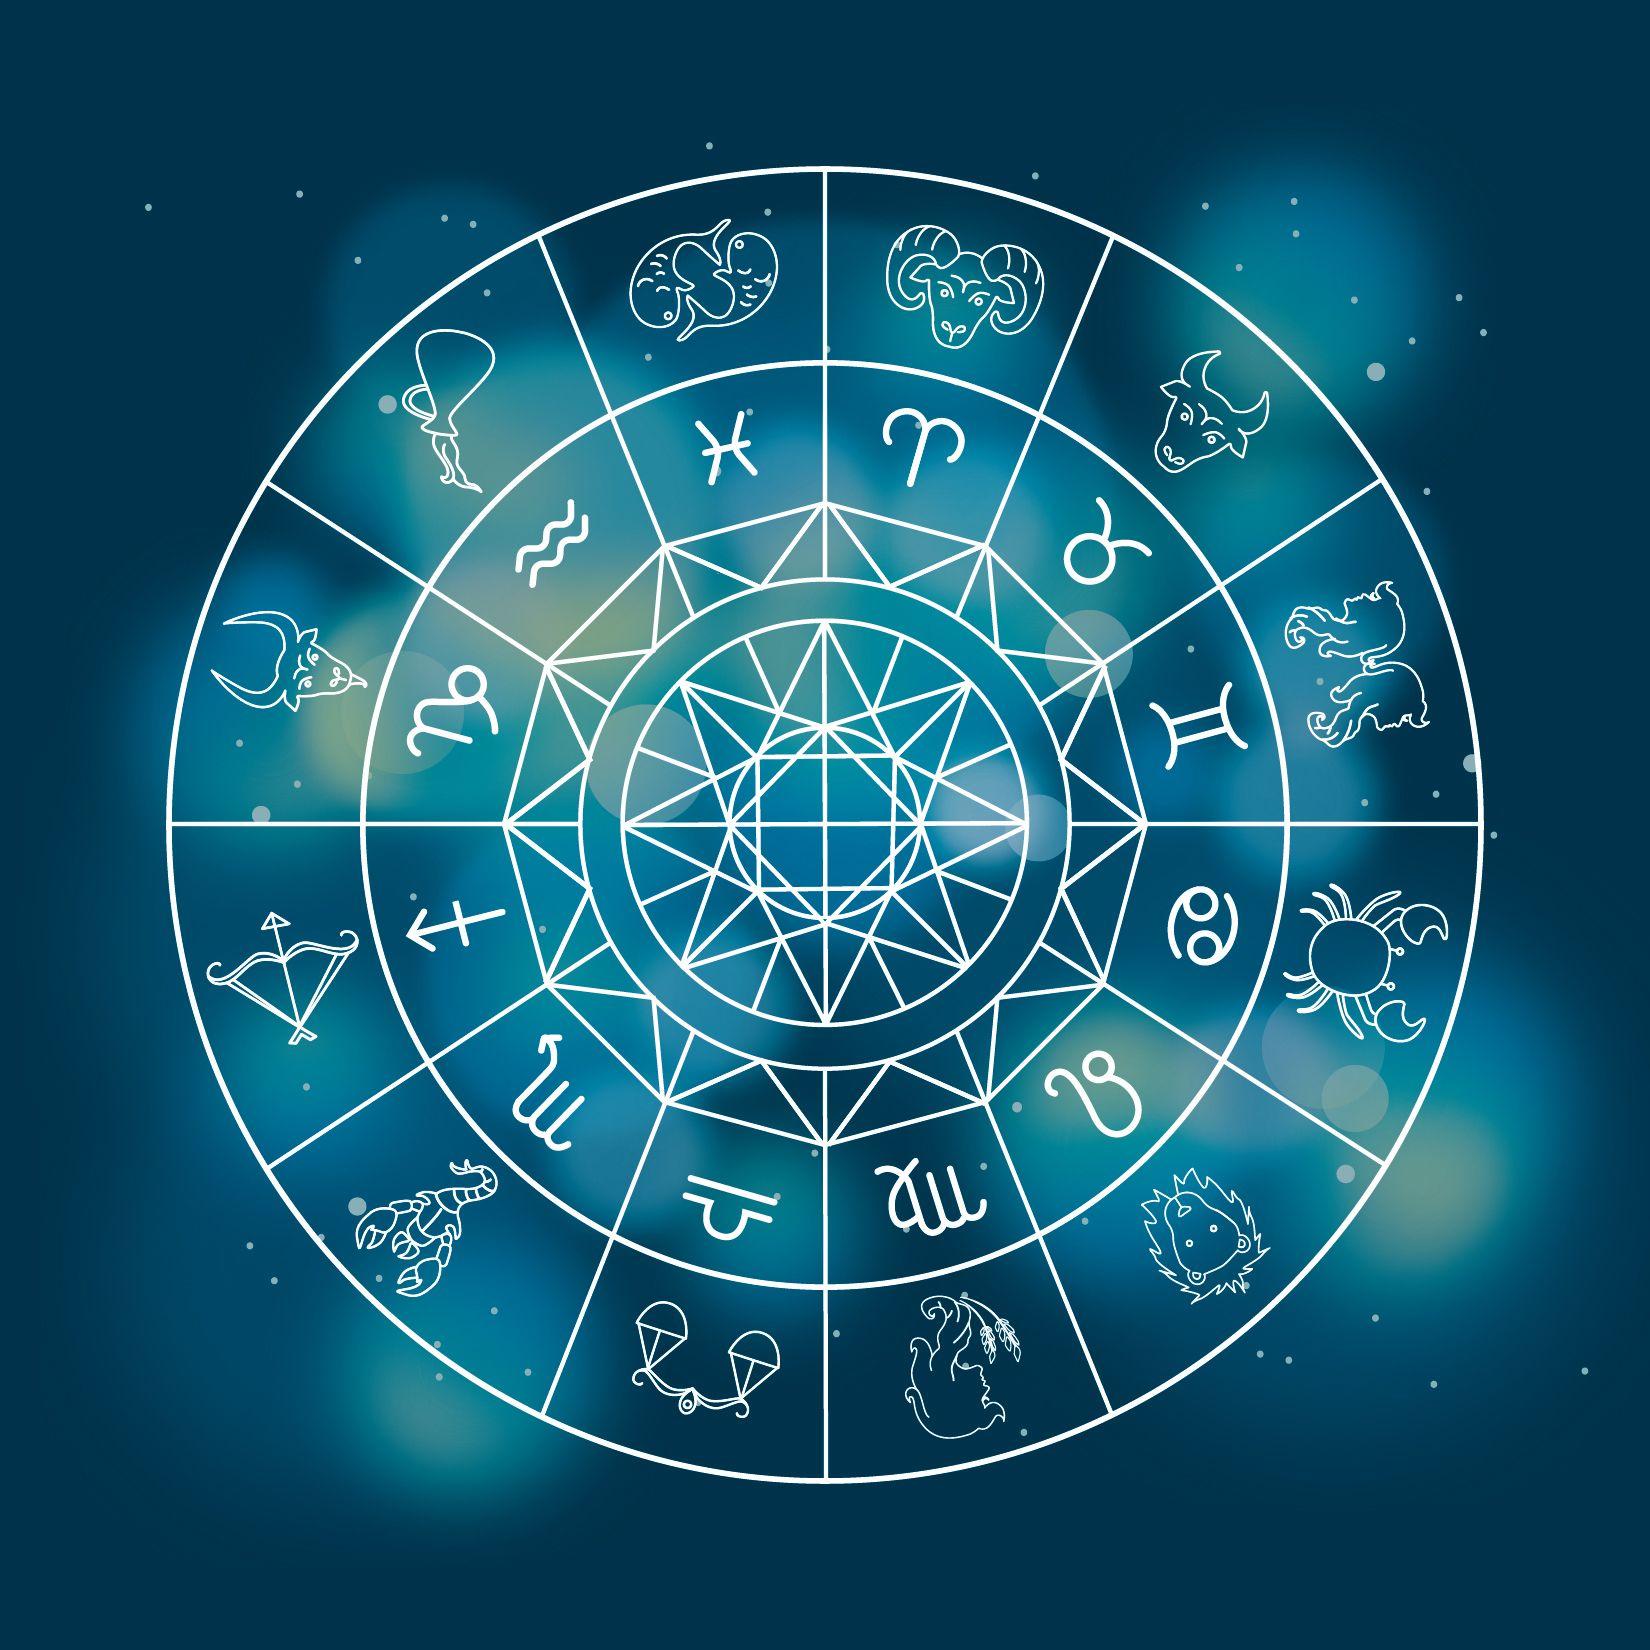 Previziuni astrologice [15 nov. - 15 dec.] :)  https://issuu.com/performance-rau/docs/nr-55_nov-dec_2016/50